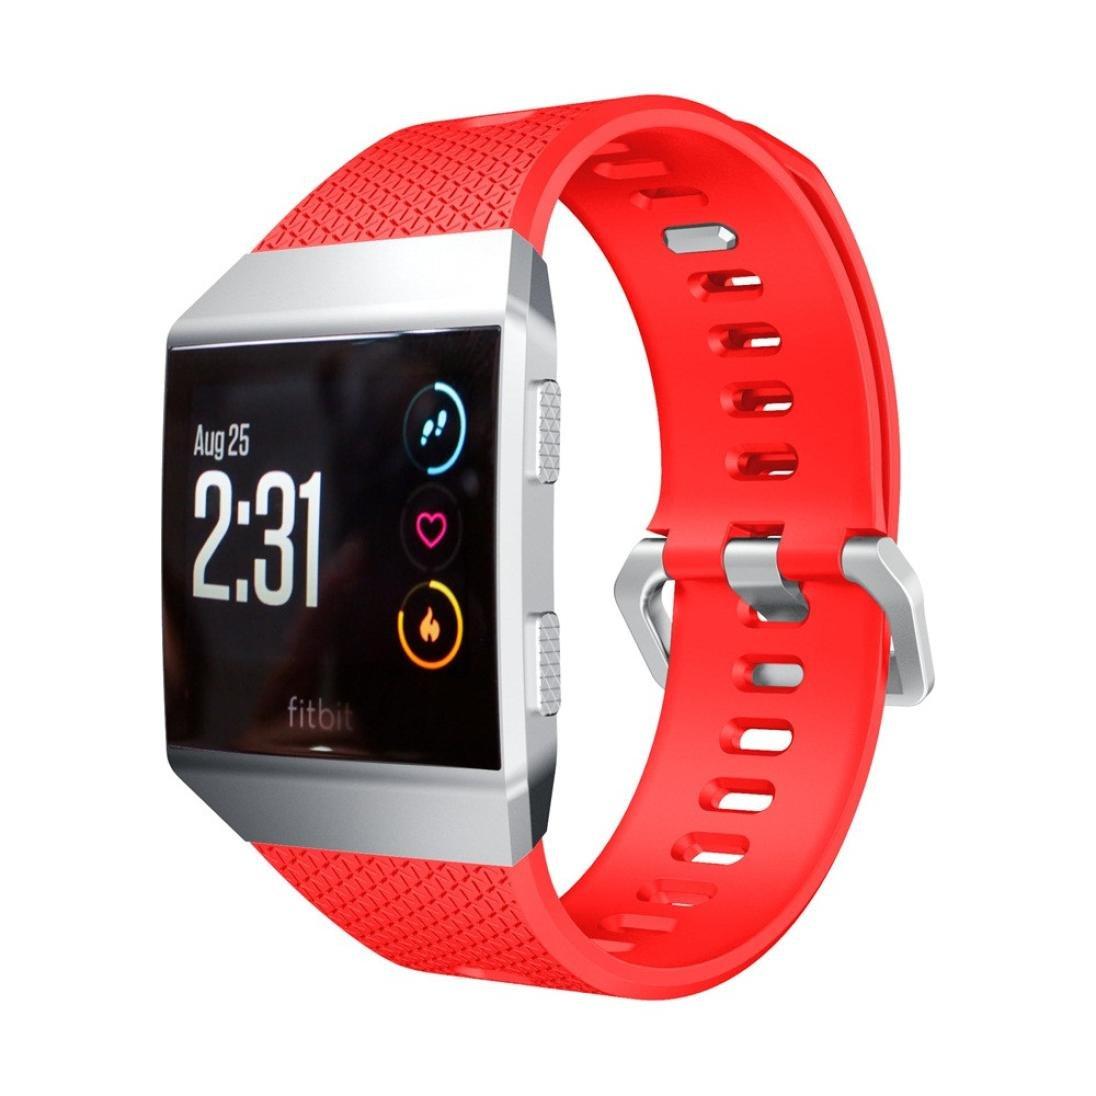 sukeq交換用ストラップfor Fitbit Ionic、ソフトシリコンスポーツリストバンドブレスレット時計バンドアクセサリーfor Fitbit Ionic Smart Fitness Watch、6.7インチ-8.1